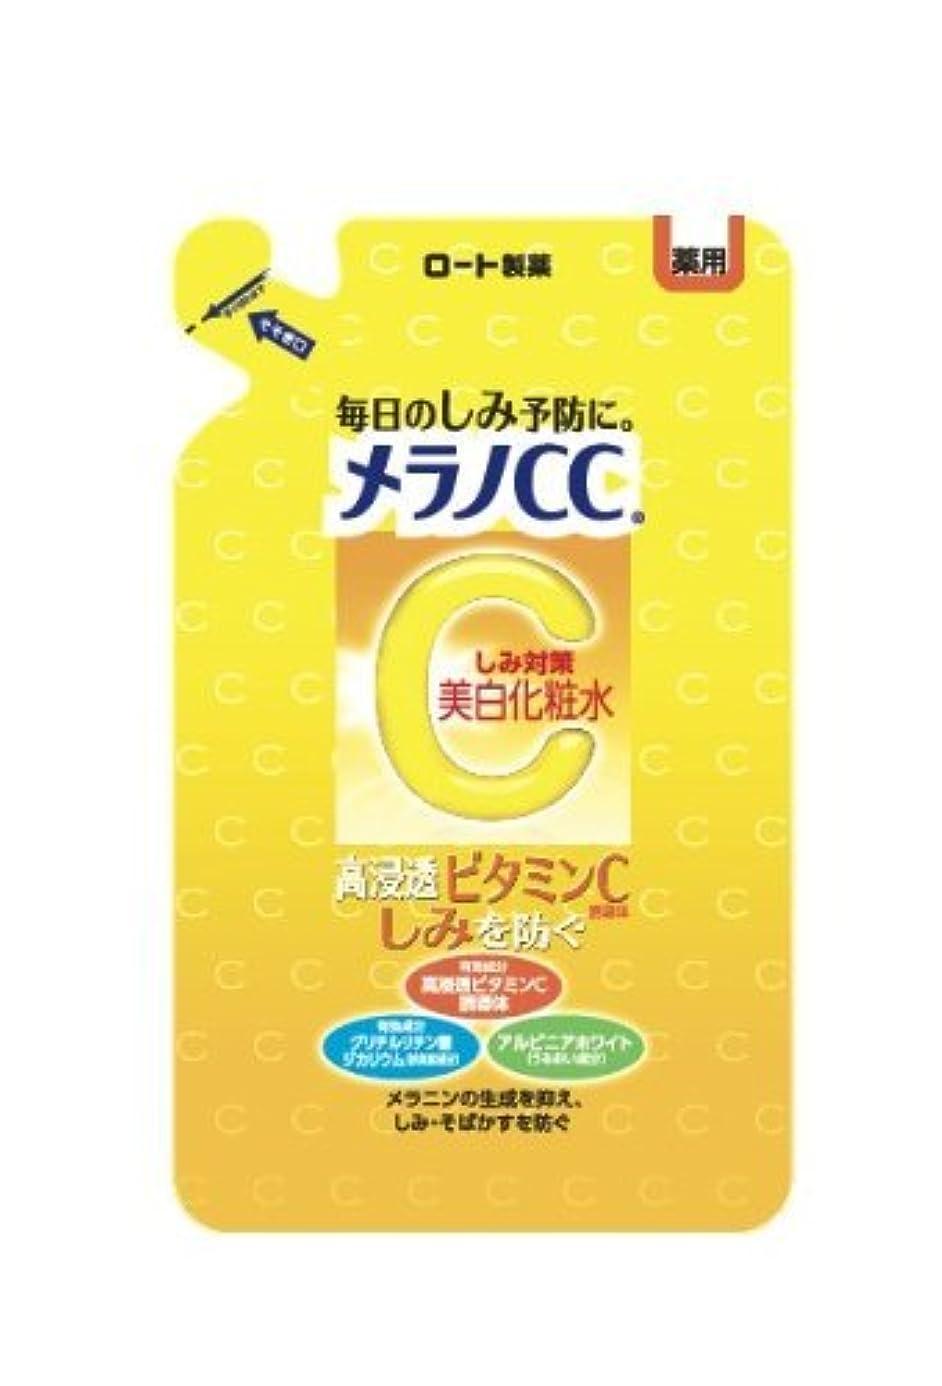 学部長帰る肌寒いメラノCC 薬用しみ対策 美白化粧水 (つめかえ用) 170mL【医薬部外品】